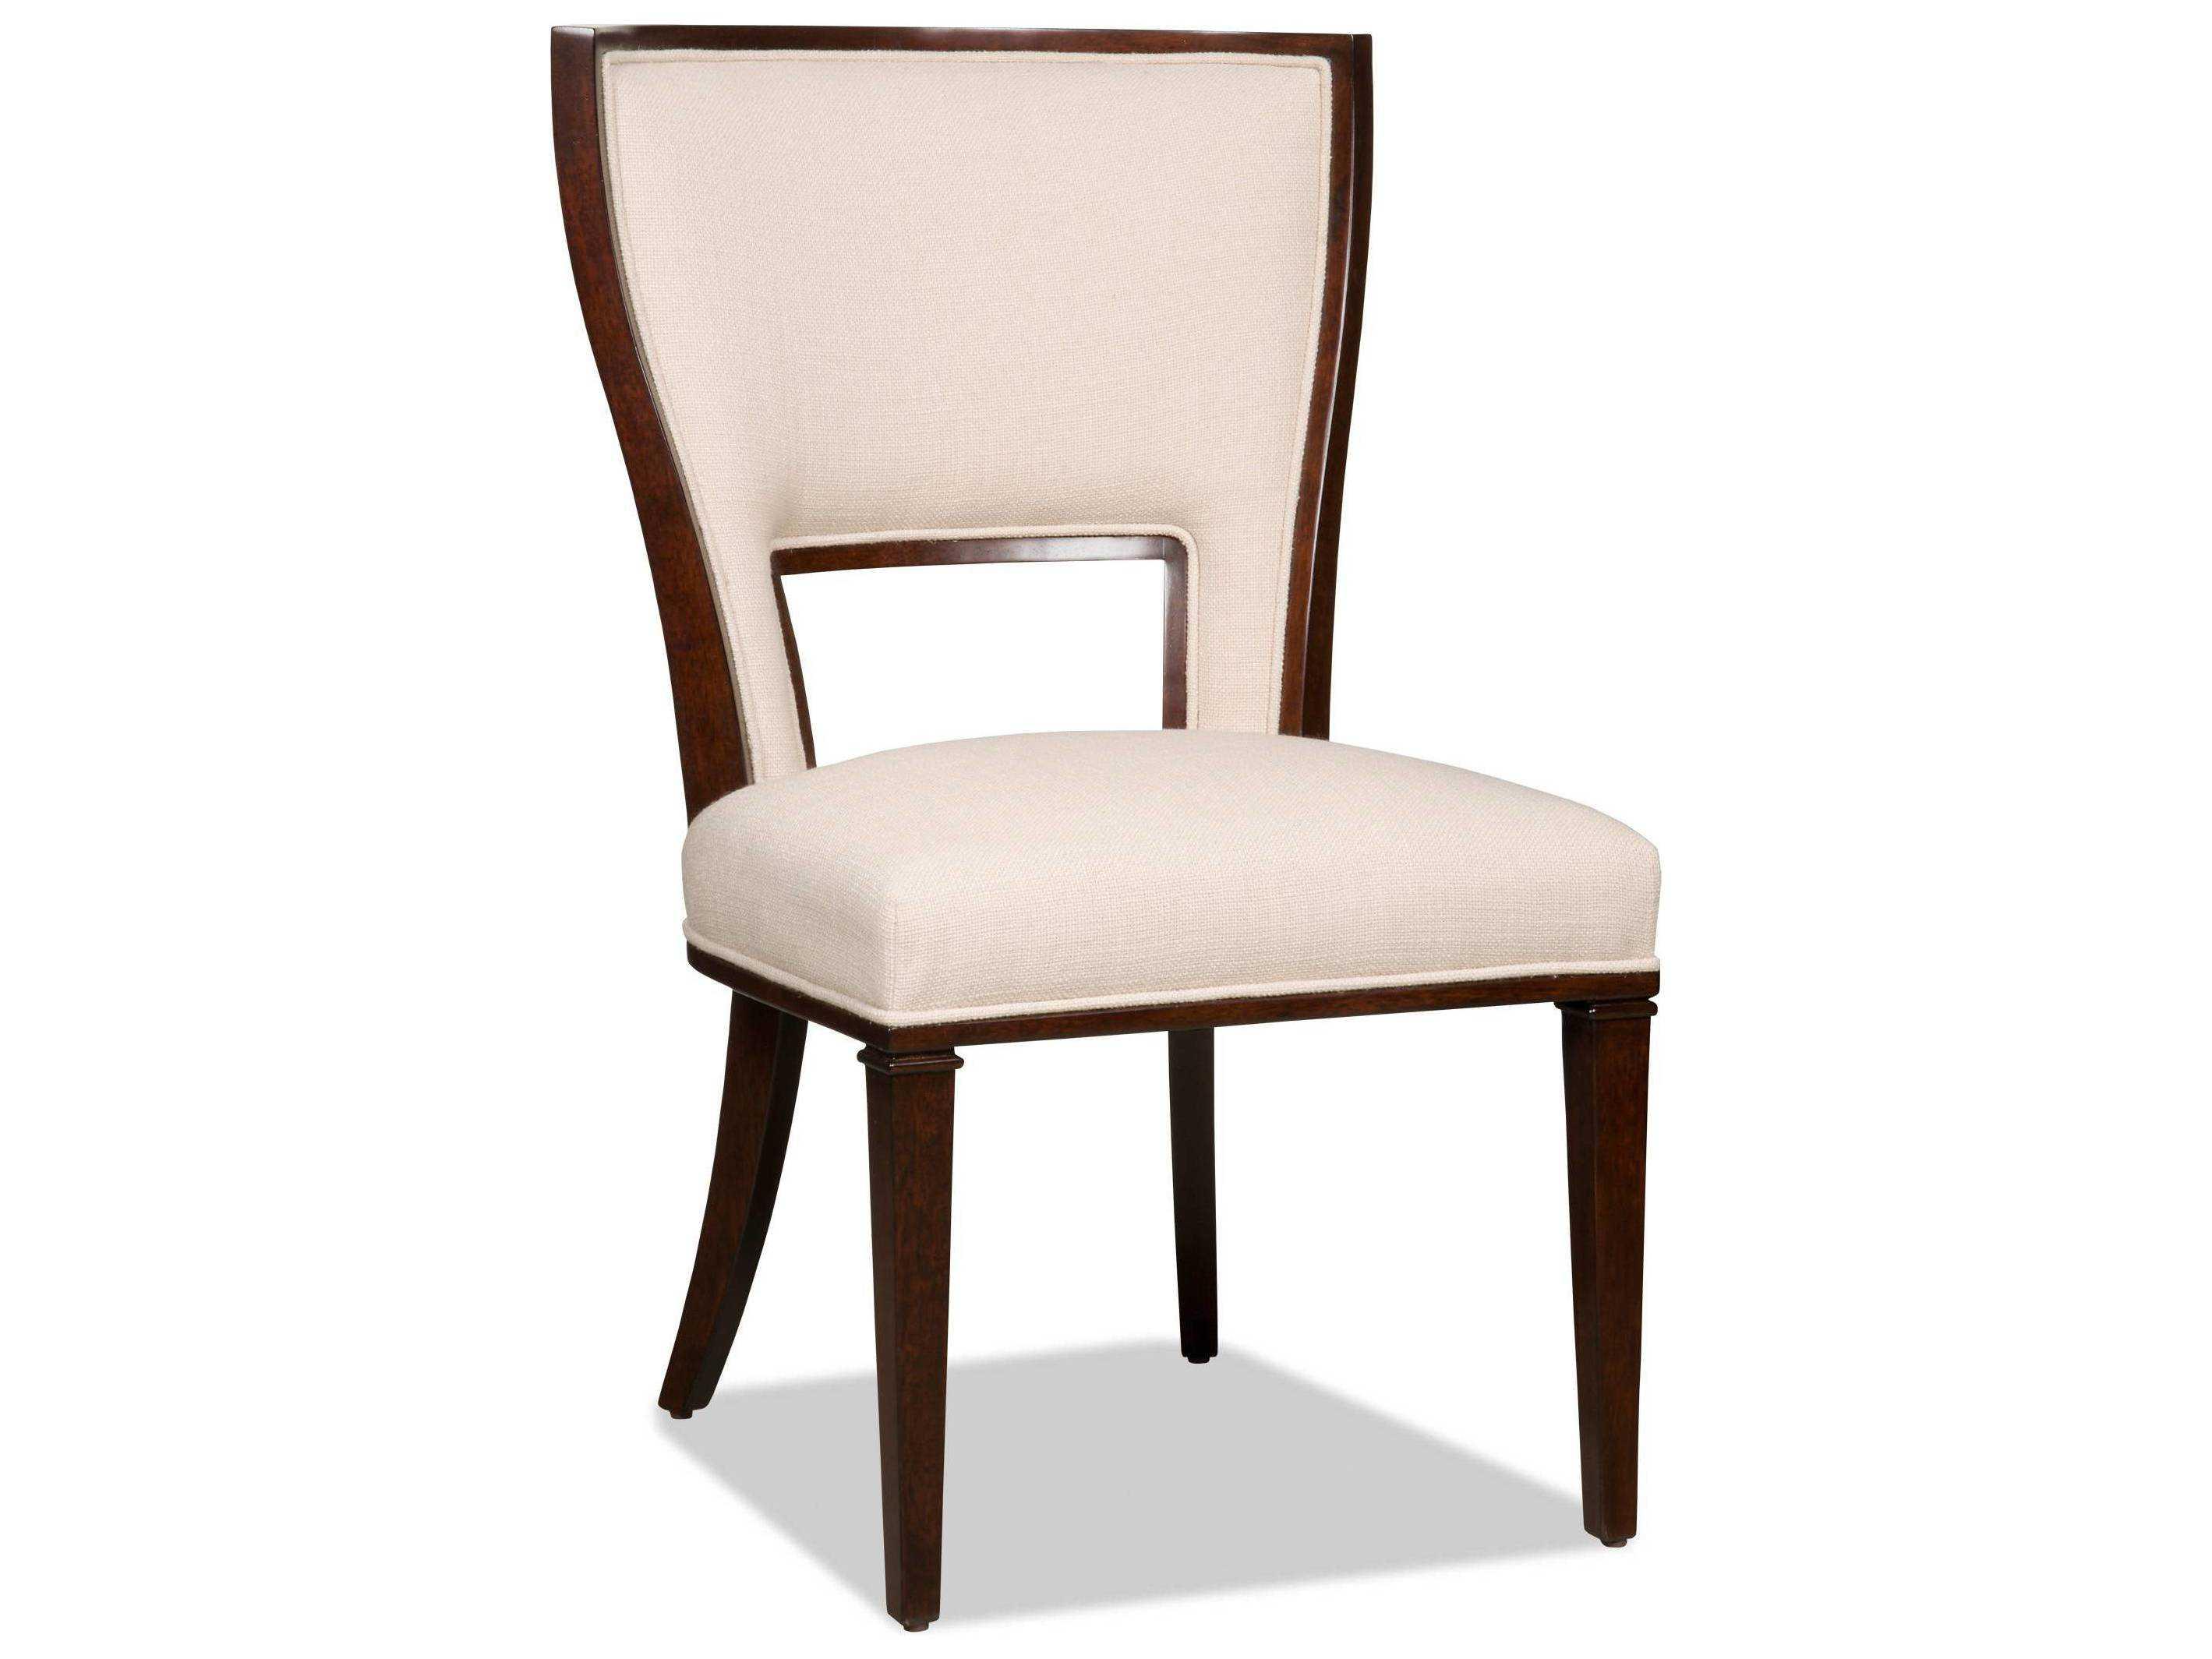 Hooker furniture lindy natural dark wood dining side chair - Natural wood dining chairs ...